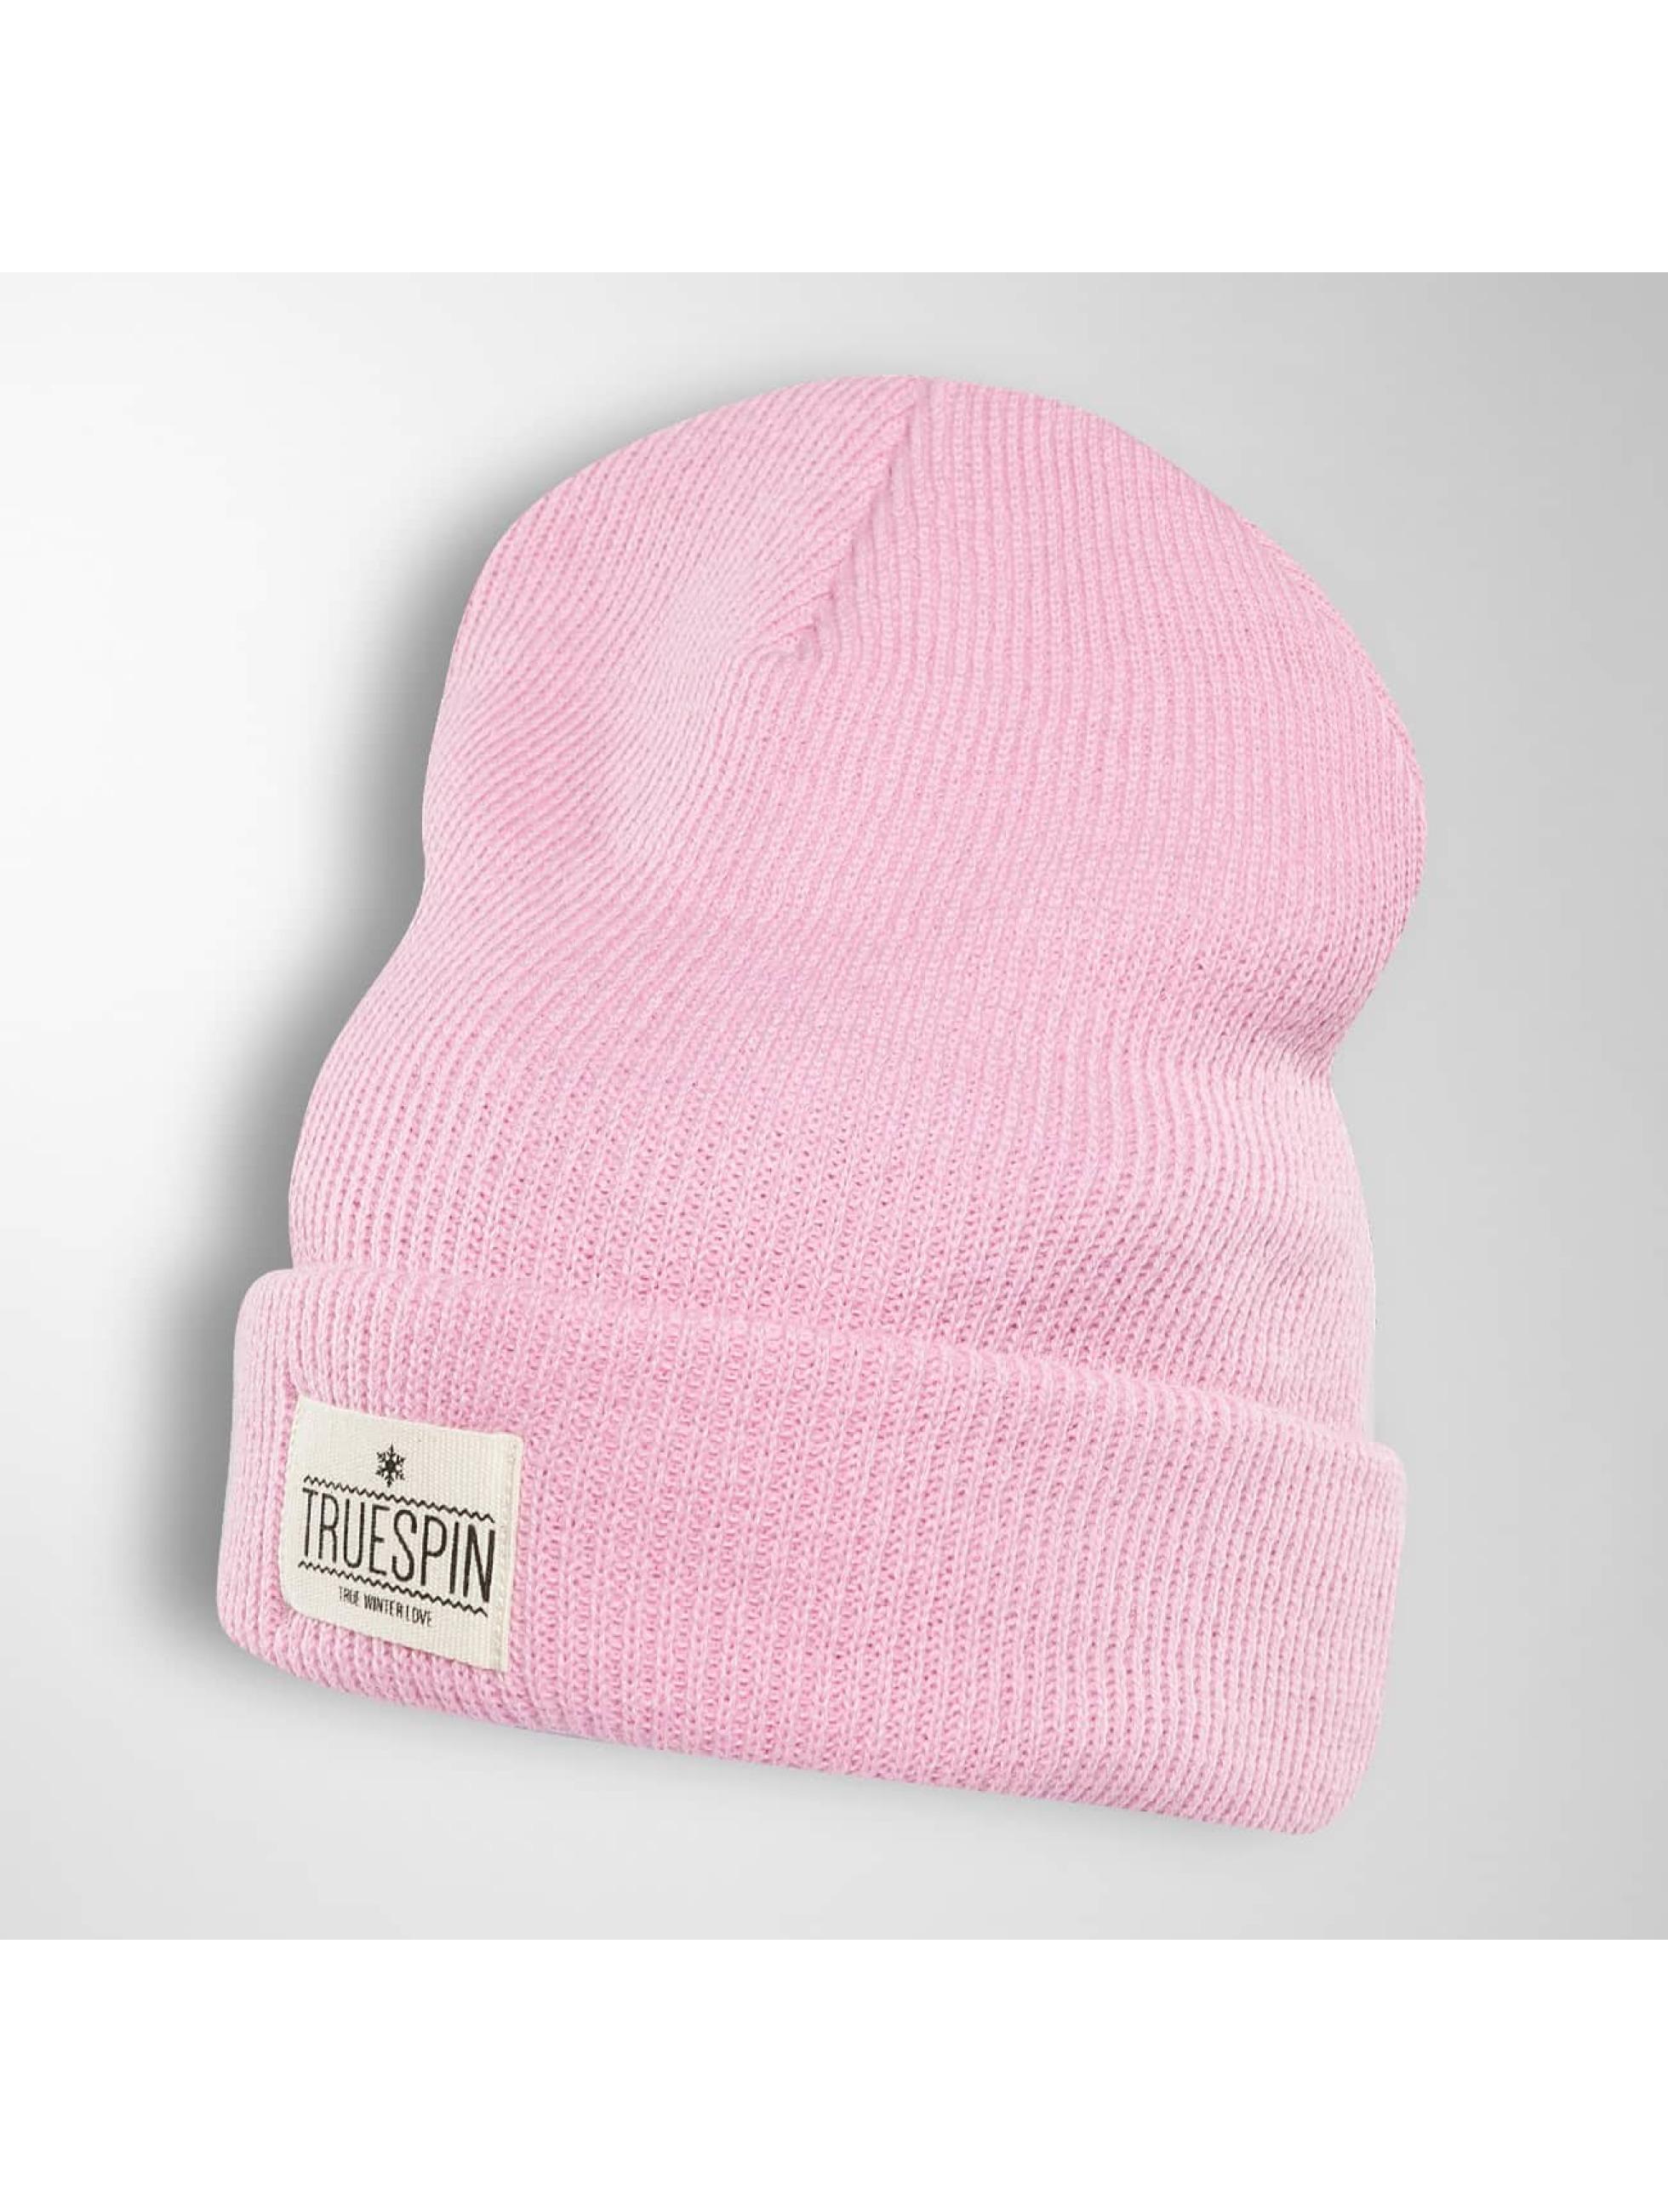 TrueSpin Bonnet Warm magenta